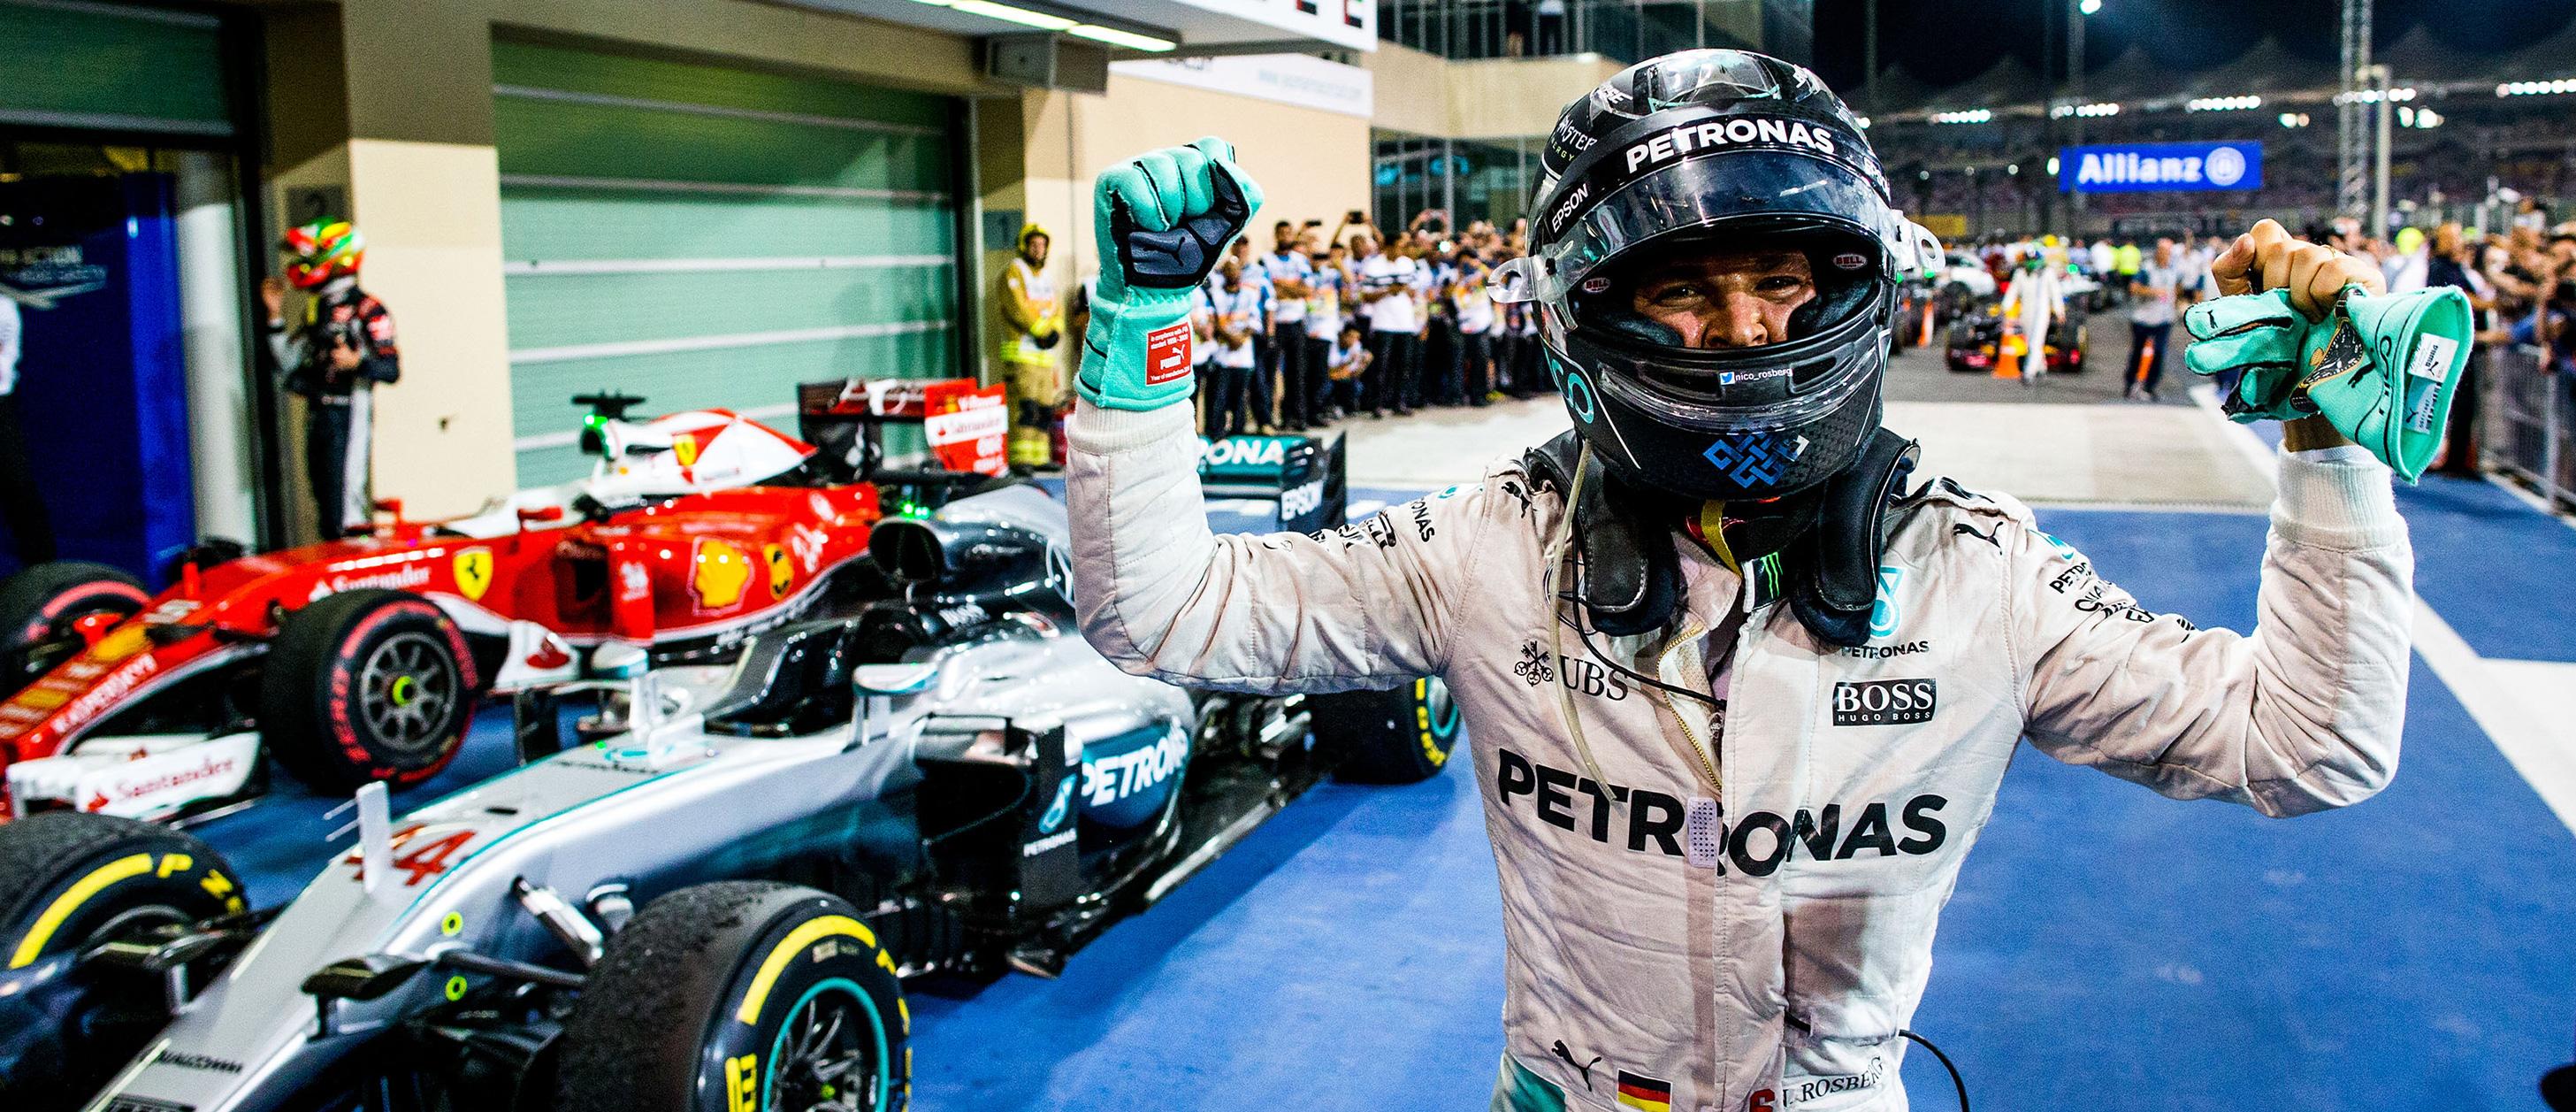 Rosberg Defeats Coulthard in #ChallengeHeinekenLegends Event